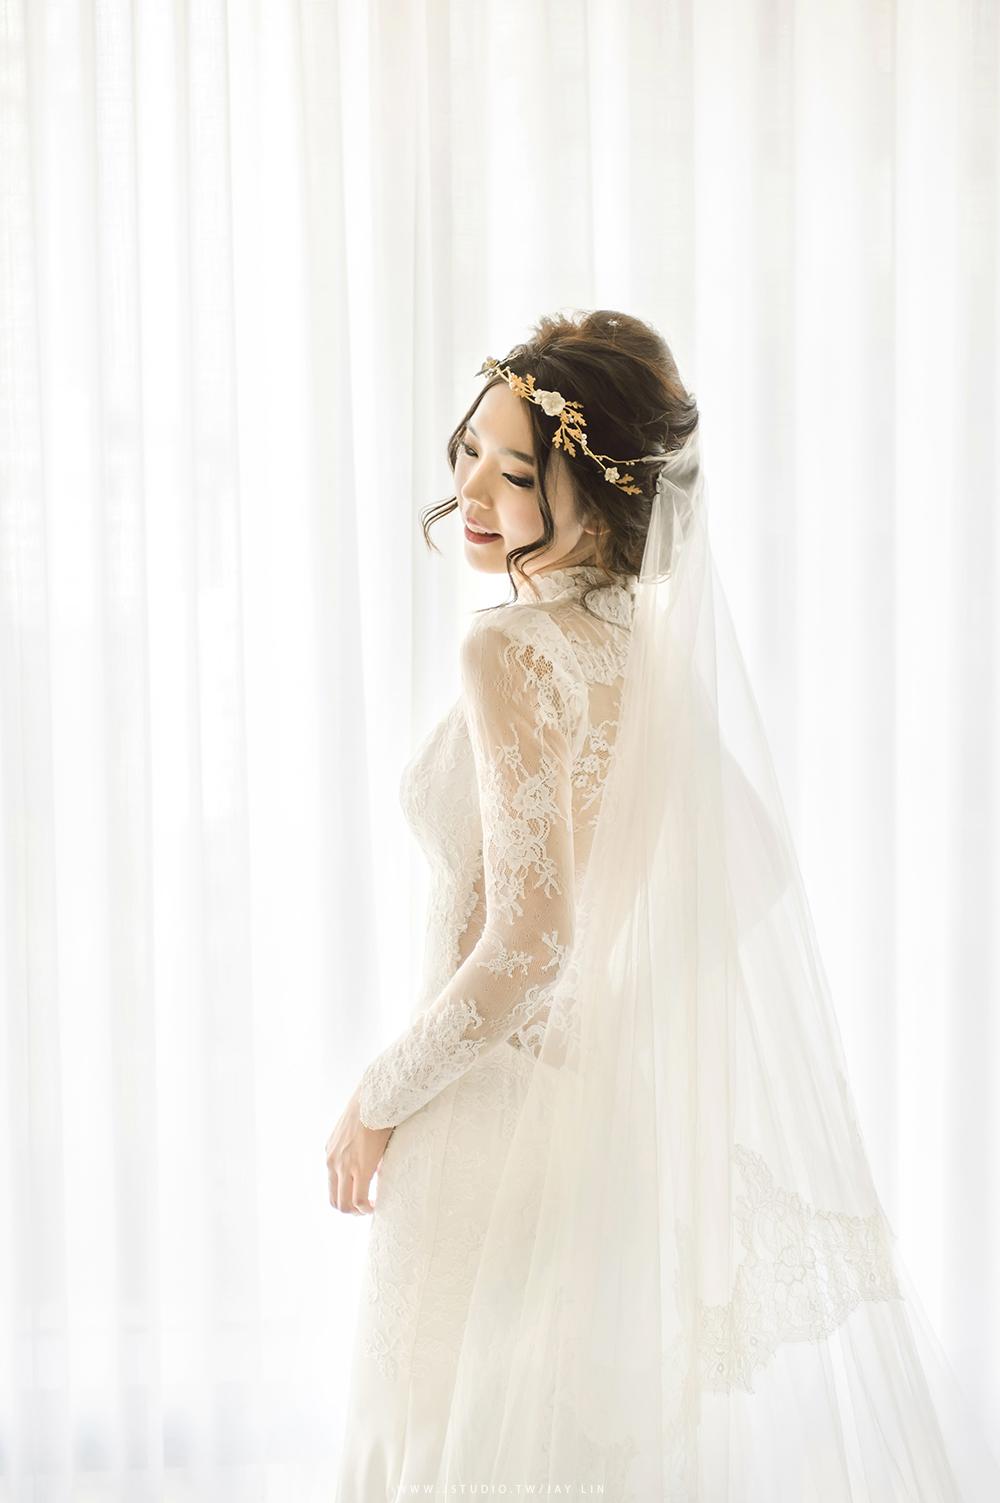 婚攝 台北萬豪酒店 台北婚攝 婚禮紀錄 推薦婚攝 戶外證婚 JSTUDIO_0022